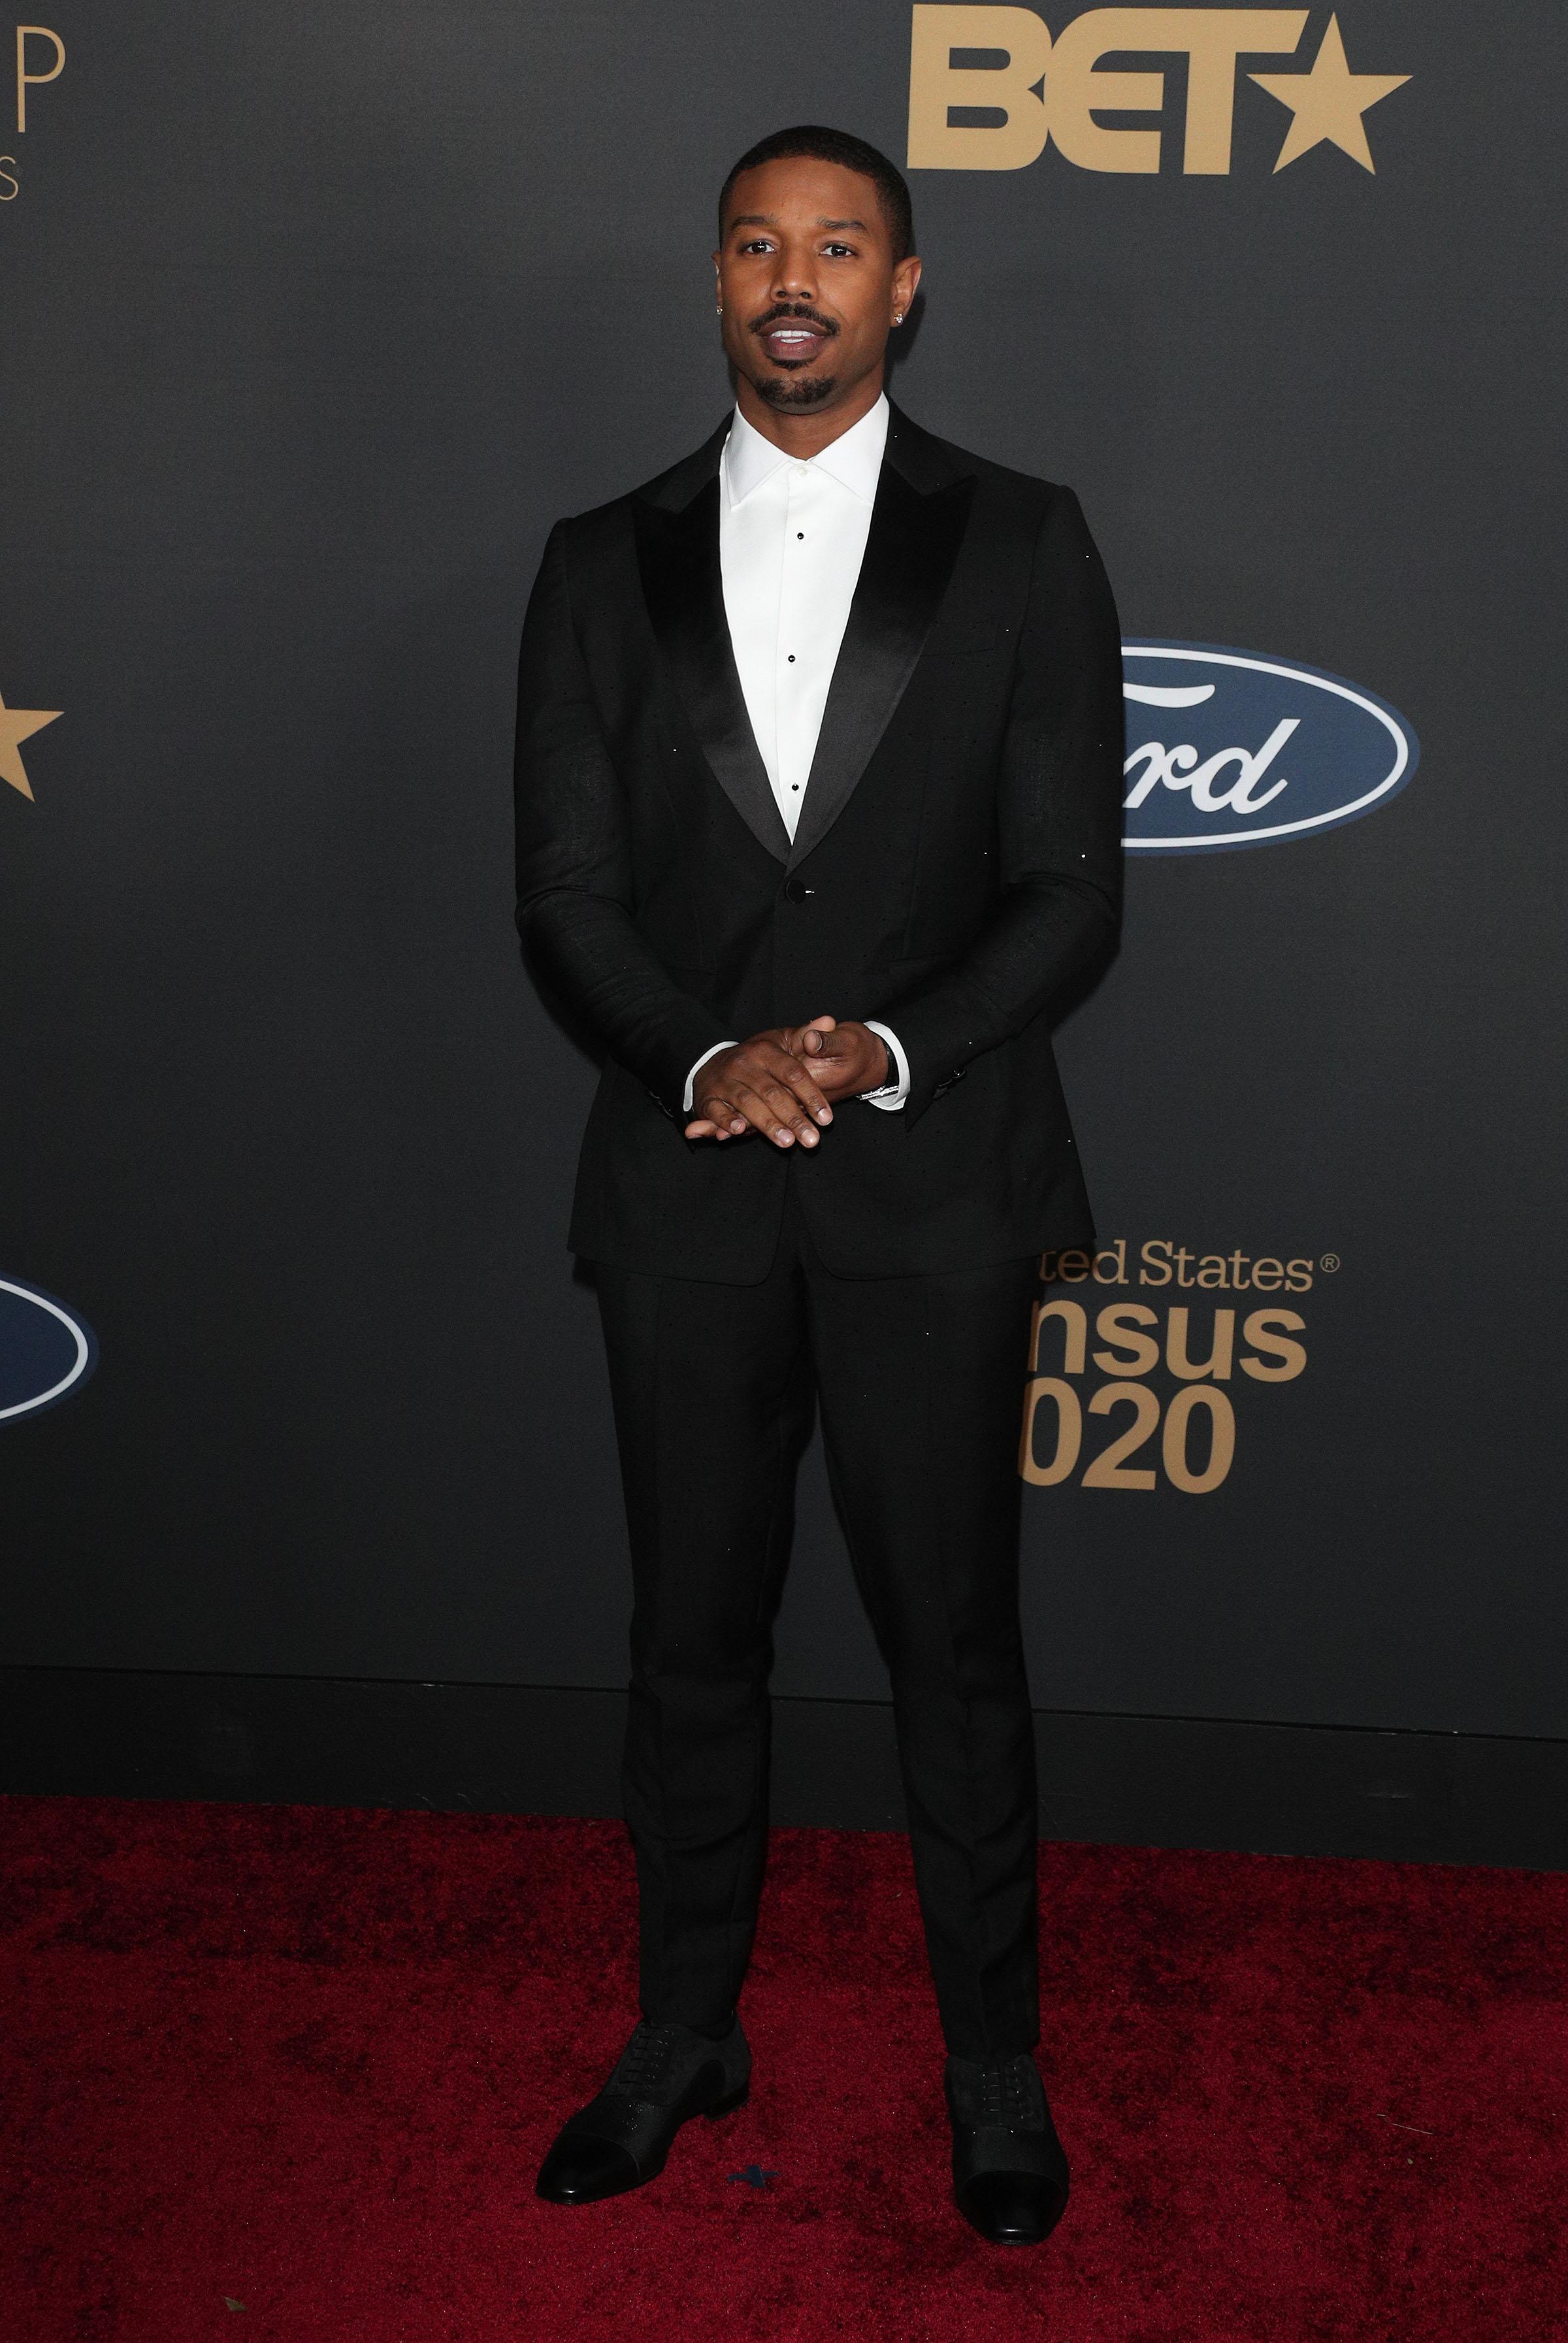 Michael B. Jordan at The 51st NAACP Image Awards